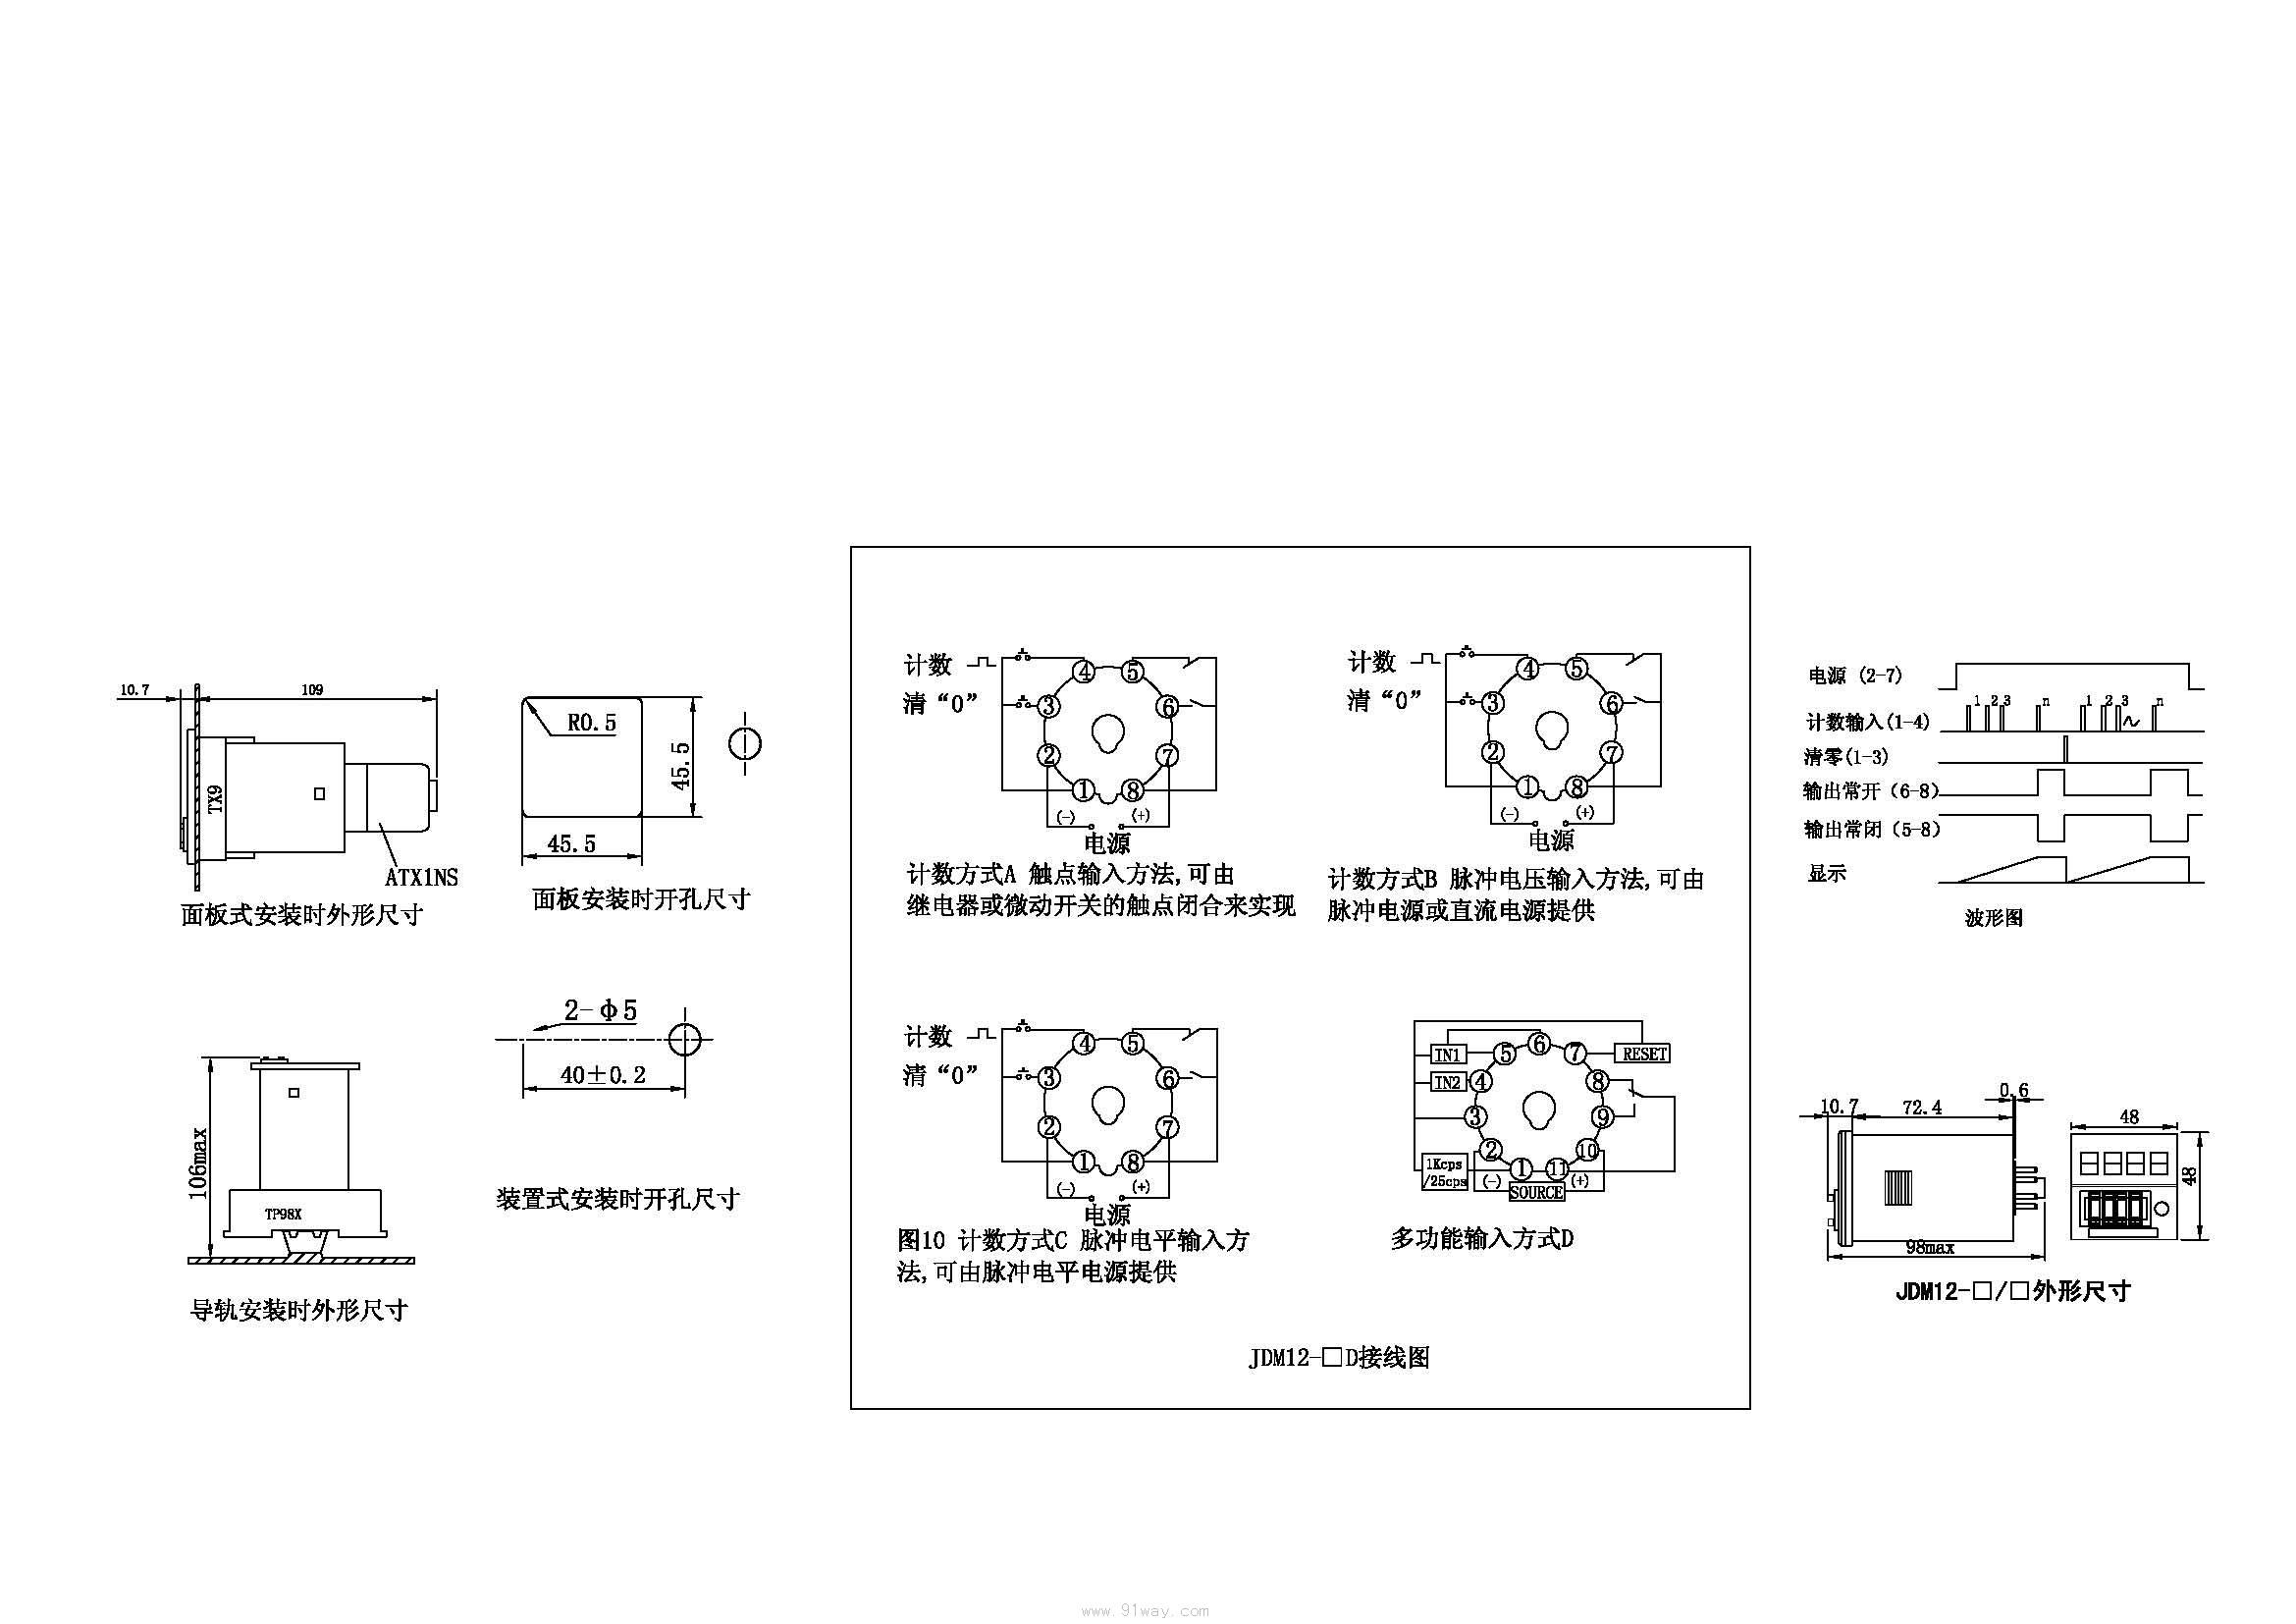 JDM12系列电子式计数继电器适合在交流50/60Hz,电压至380V或直流电压至 48V的自动控制电路中作计数元件,可按预置树接通或分断电路。产品符合GB14048标准,具有计数正确、显示清晰等特点,带有停电保持功能,外形尺寸为4848,安装方式为插拔式,可适用于面板安装、装置安装、导轨安装。